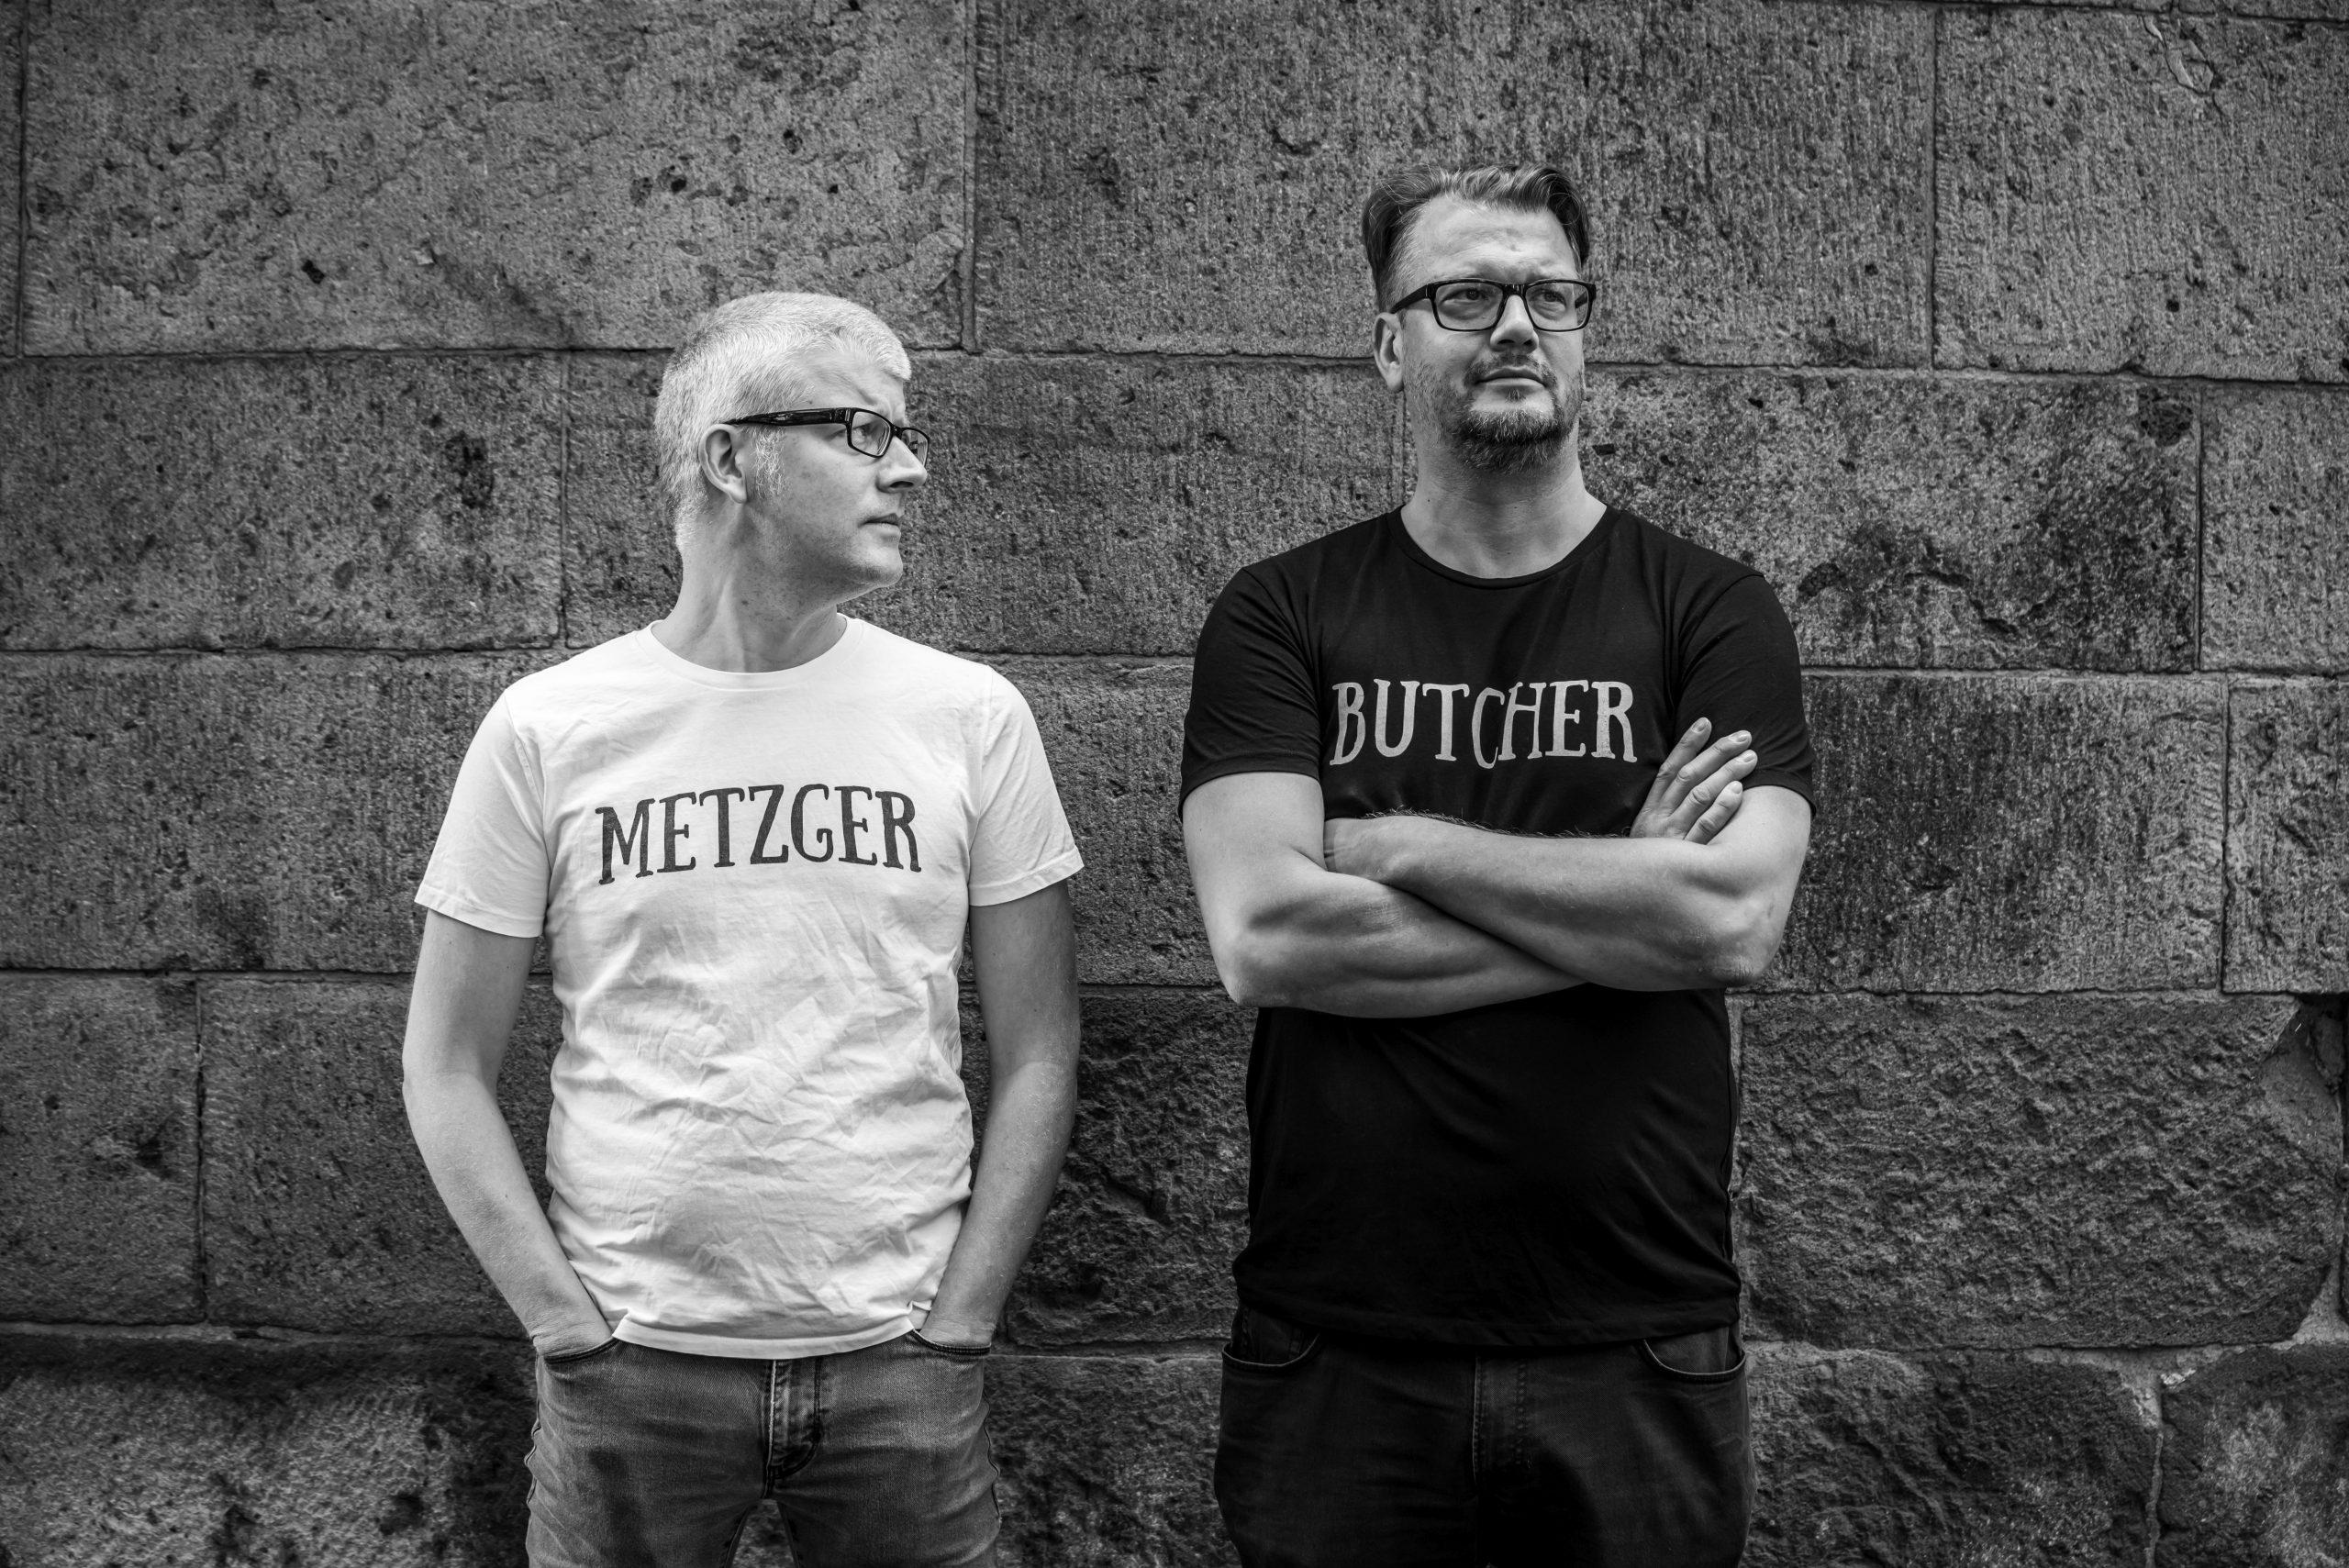 MetzgerButcher und KW!RL